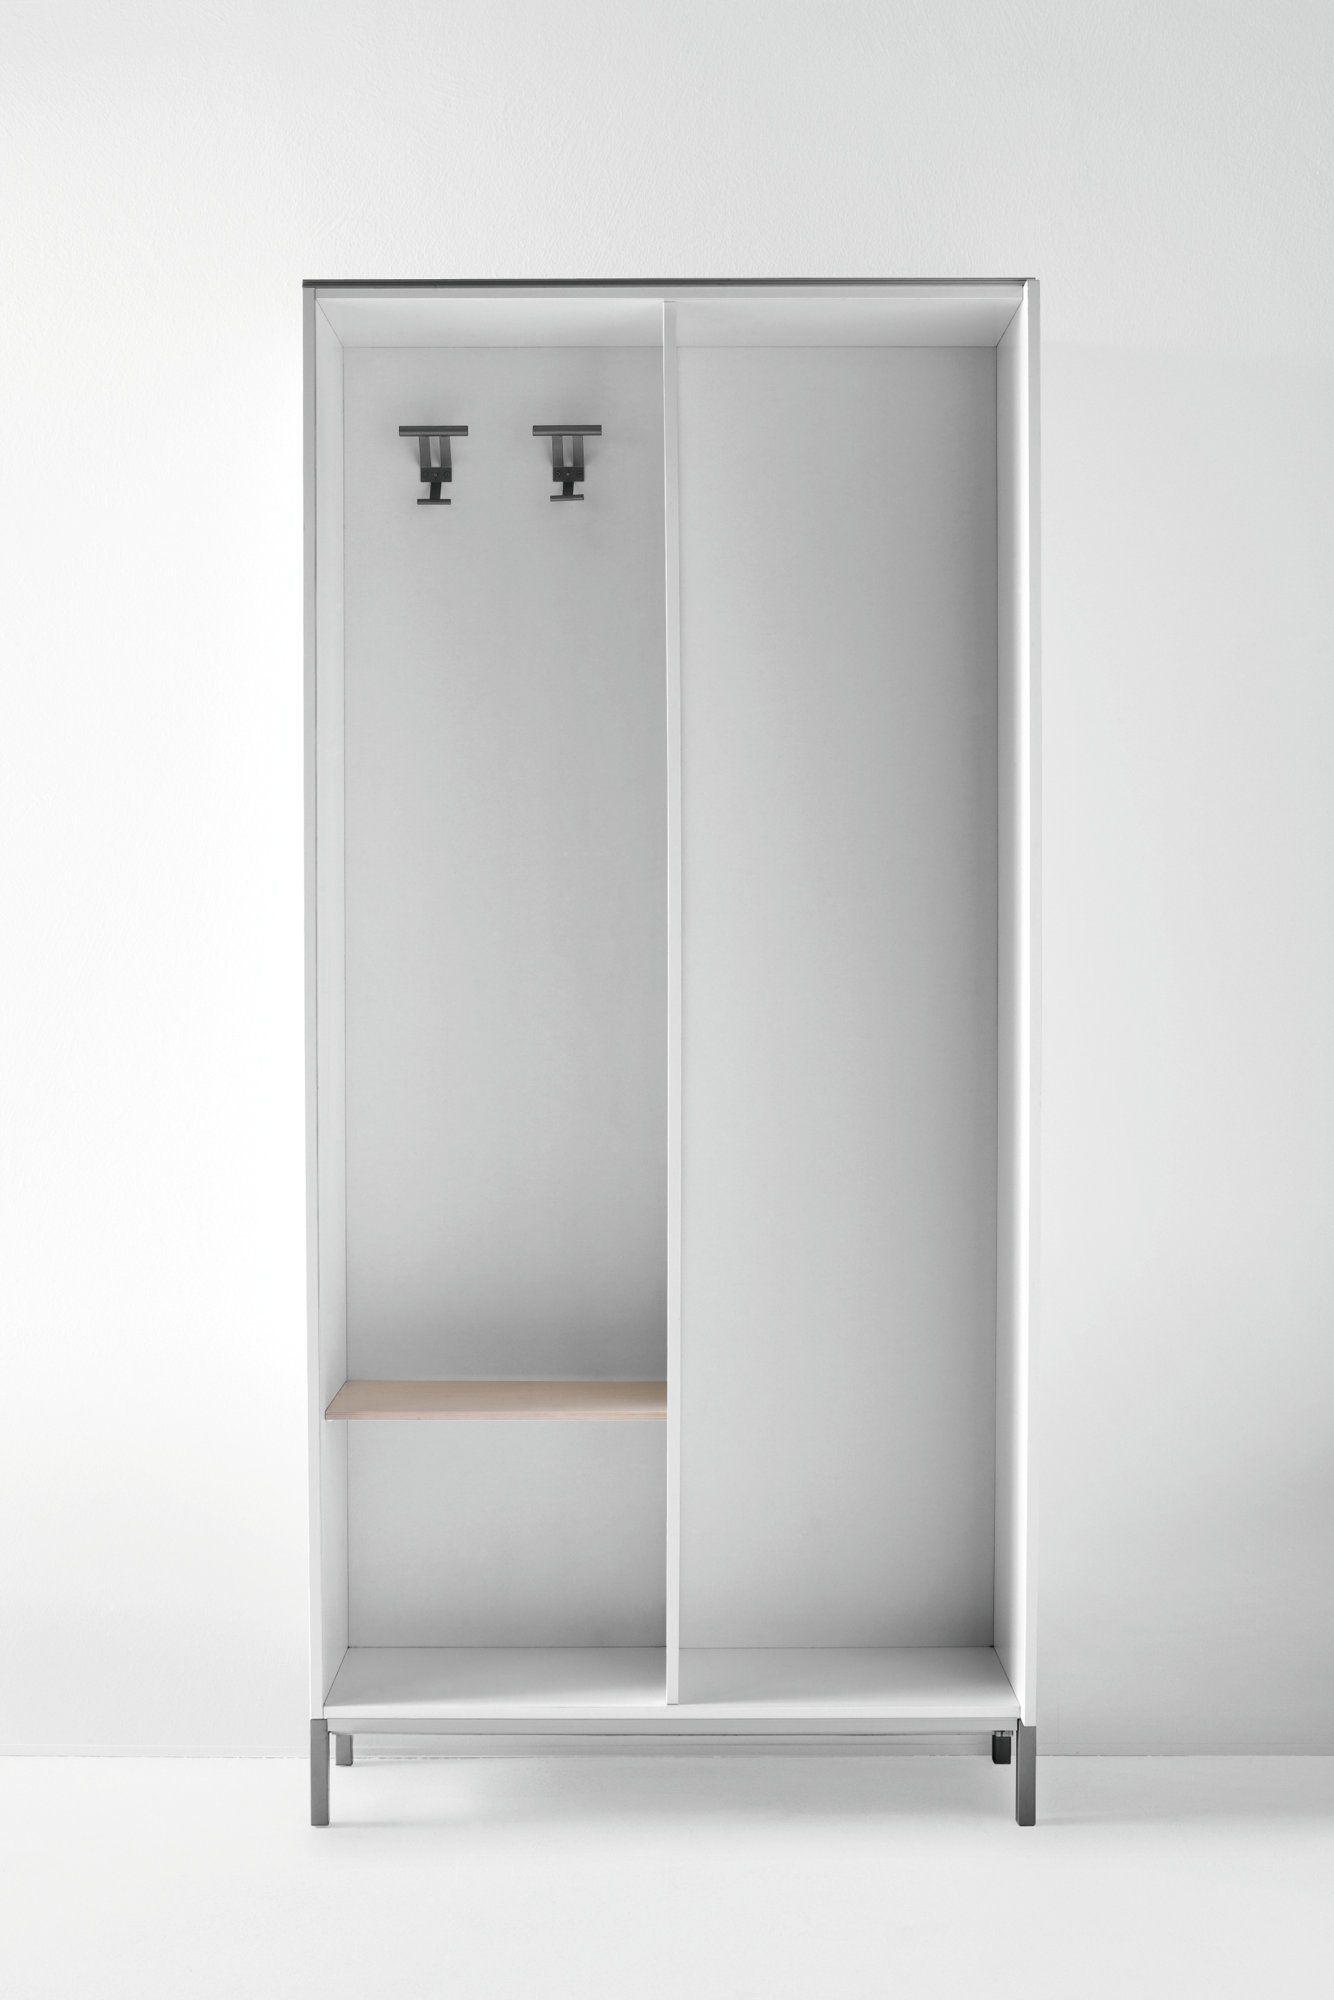 Armadio Con Ante Scorrevoli Con Specchio SLIM Armadio Con Specchio  #766055 1334 2000 Mobili Multiuso A Specchio